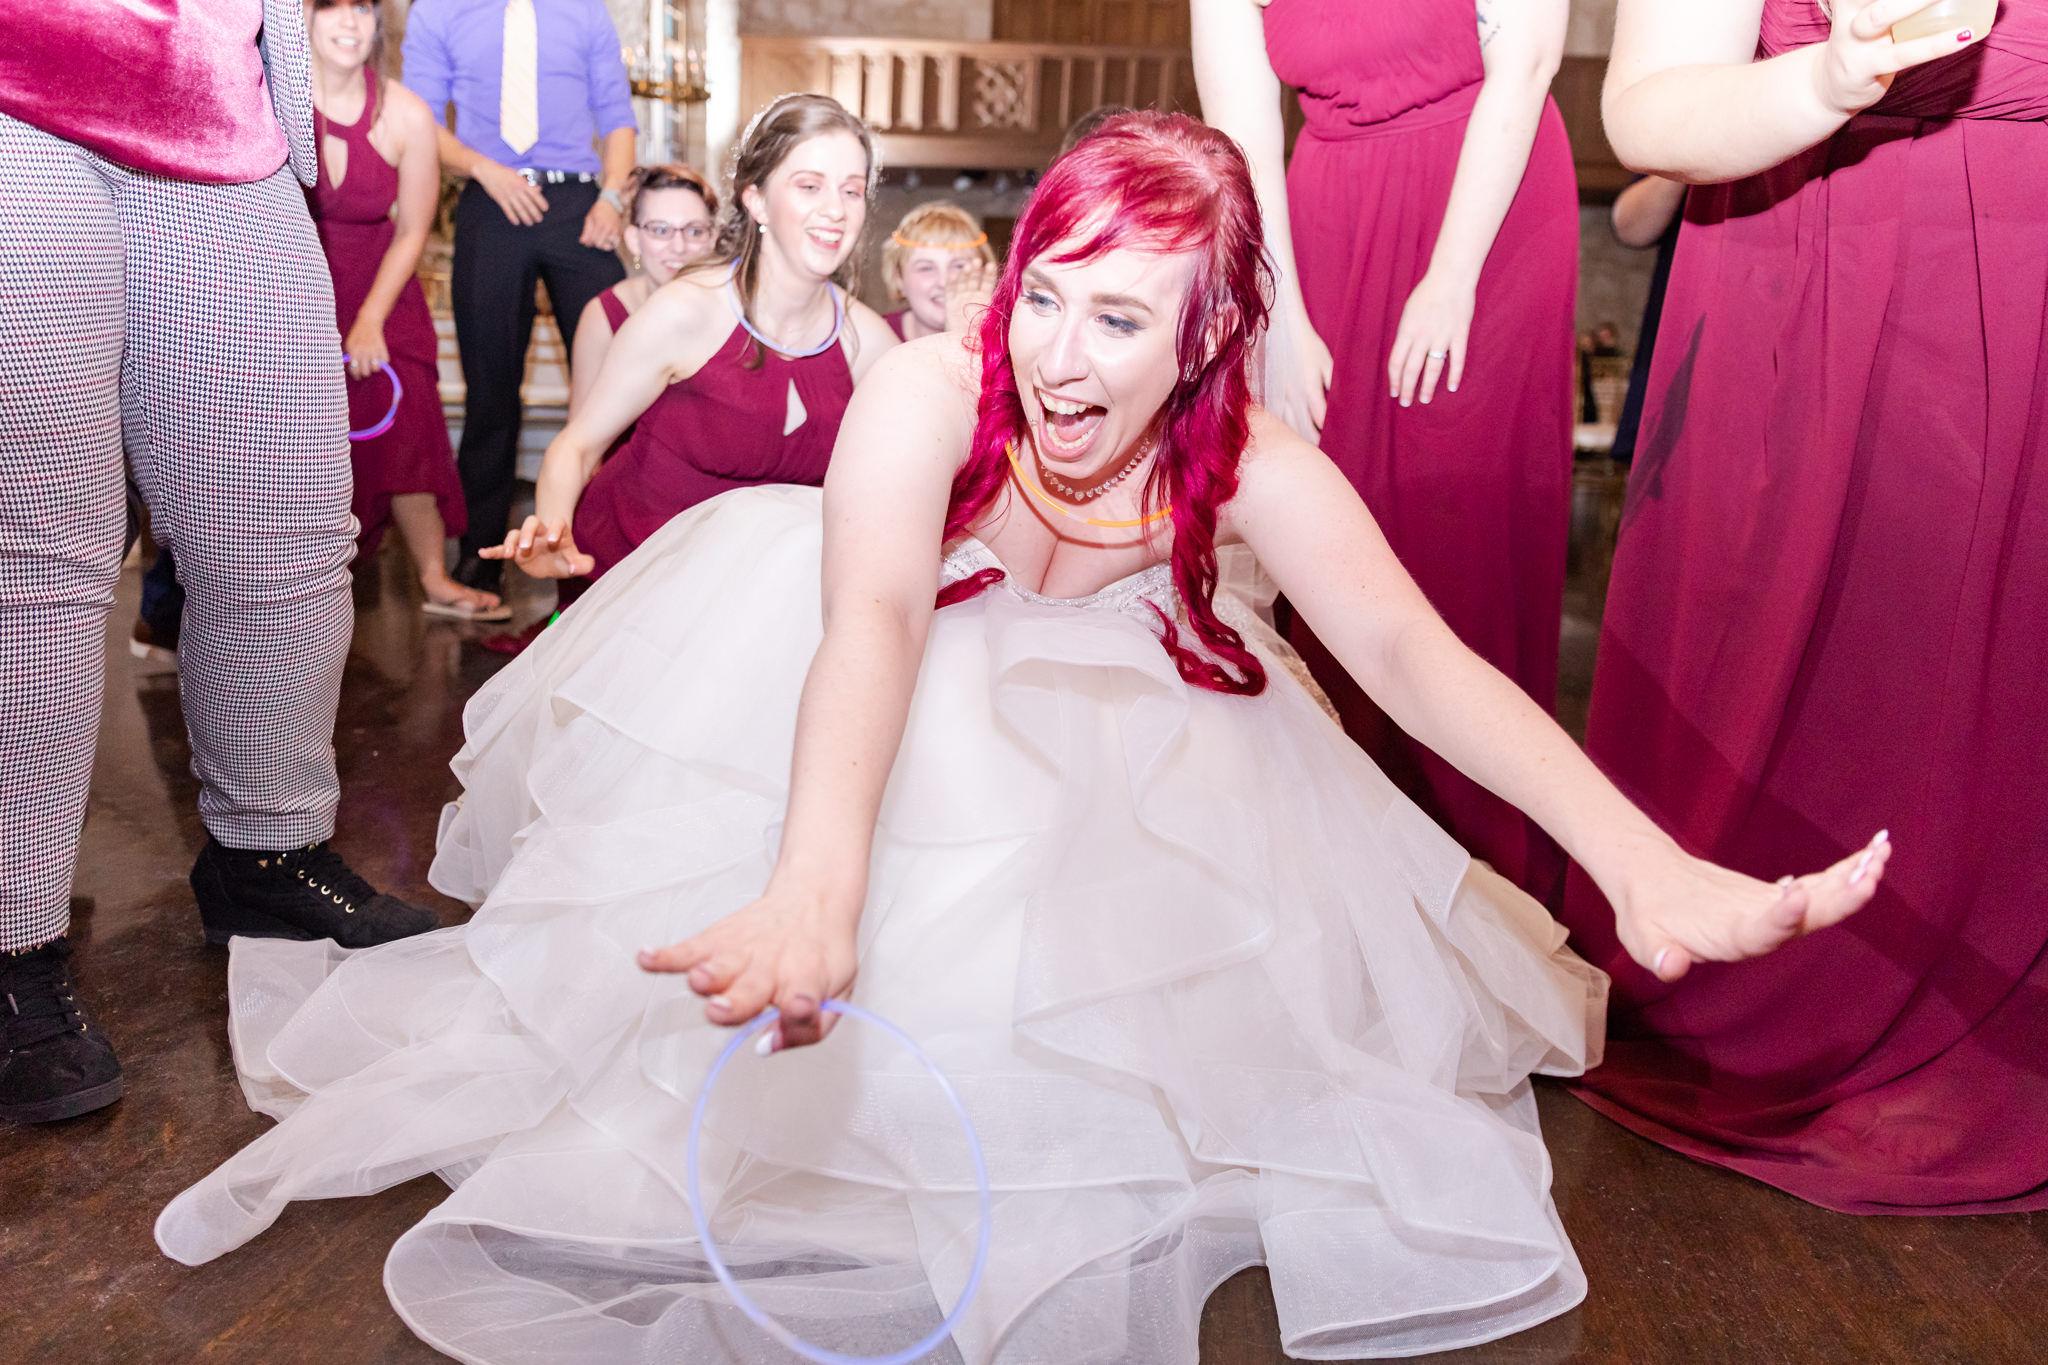 Wedding-At-Southwest-School-of-Art-Dawn-Elizabeth-Studios-San-Antonio-Wedding-Photographer-0072.jpg